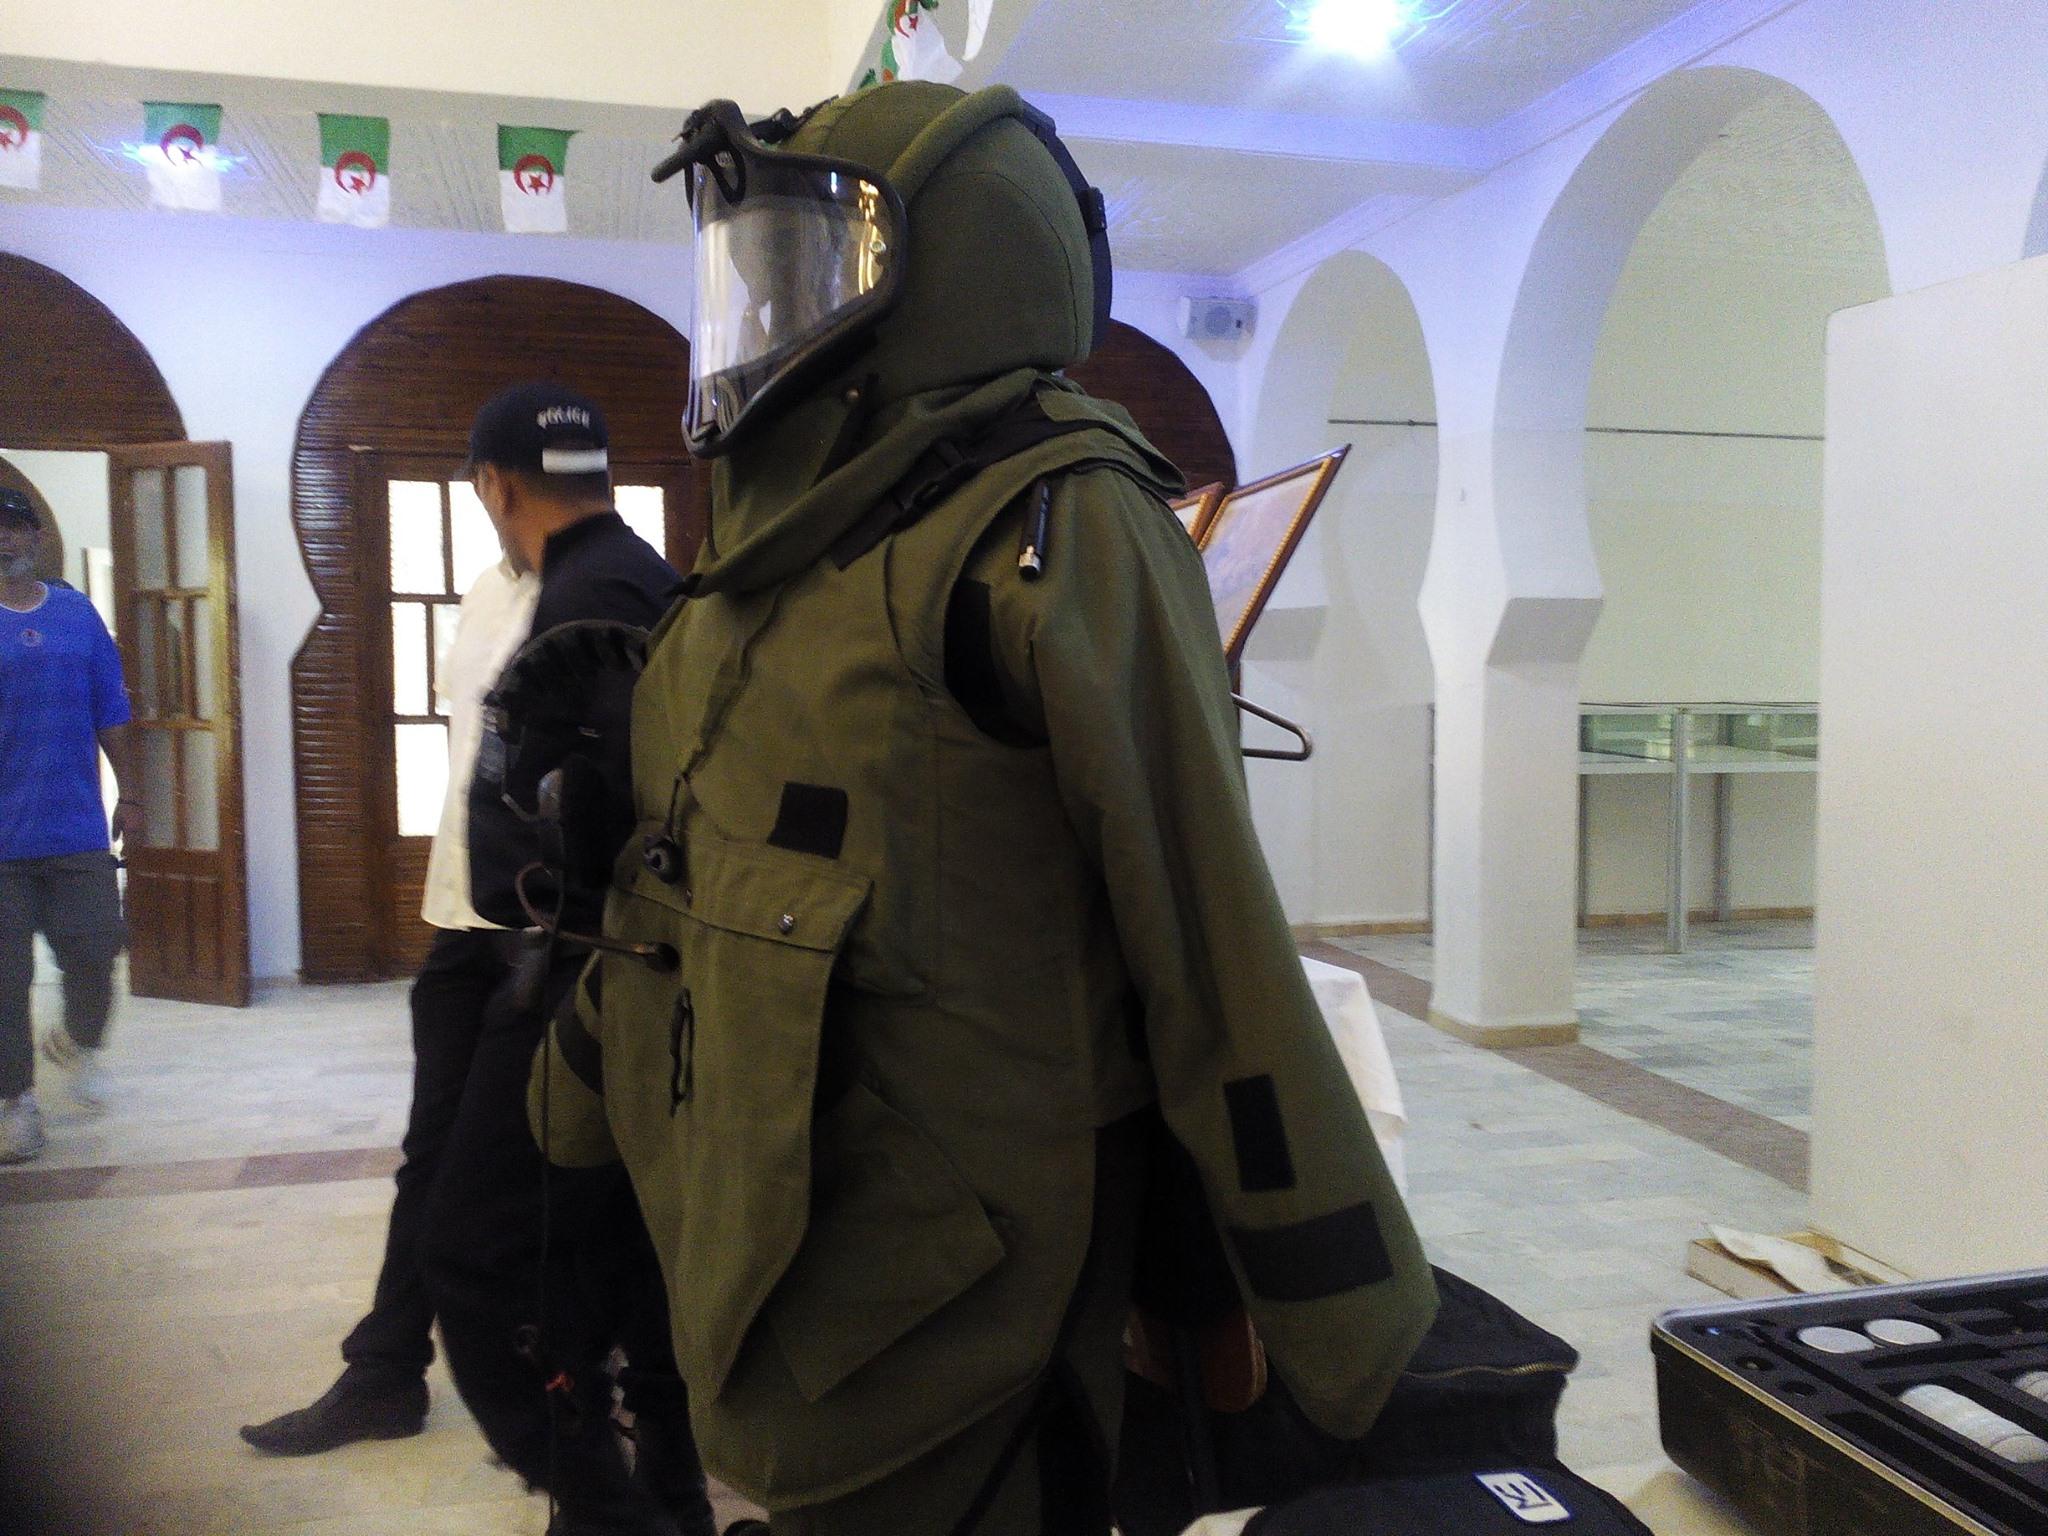 البذلات الجيش الوطني الشعبي الجزائري [ ANP / GN / DGSN / Douanes ]  - صفحة 6 27883847424_3675596d53_o